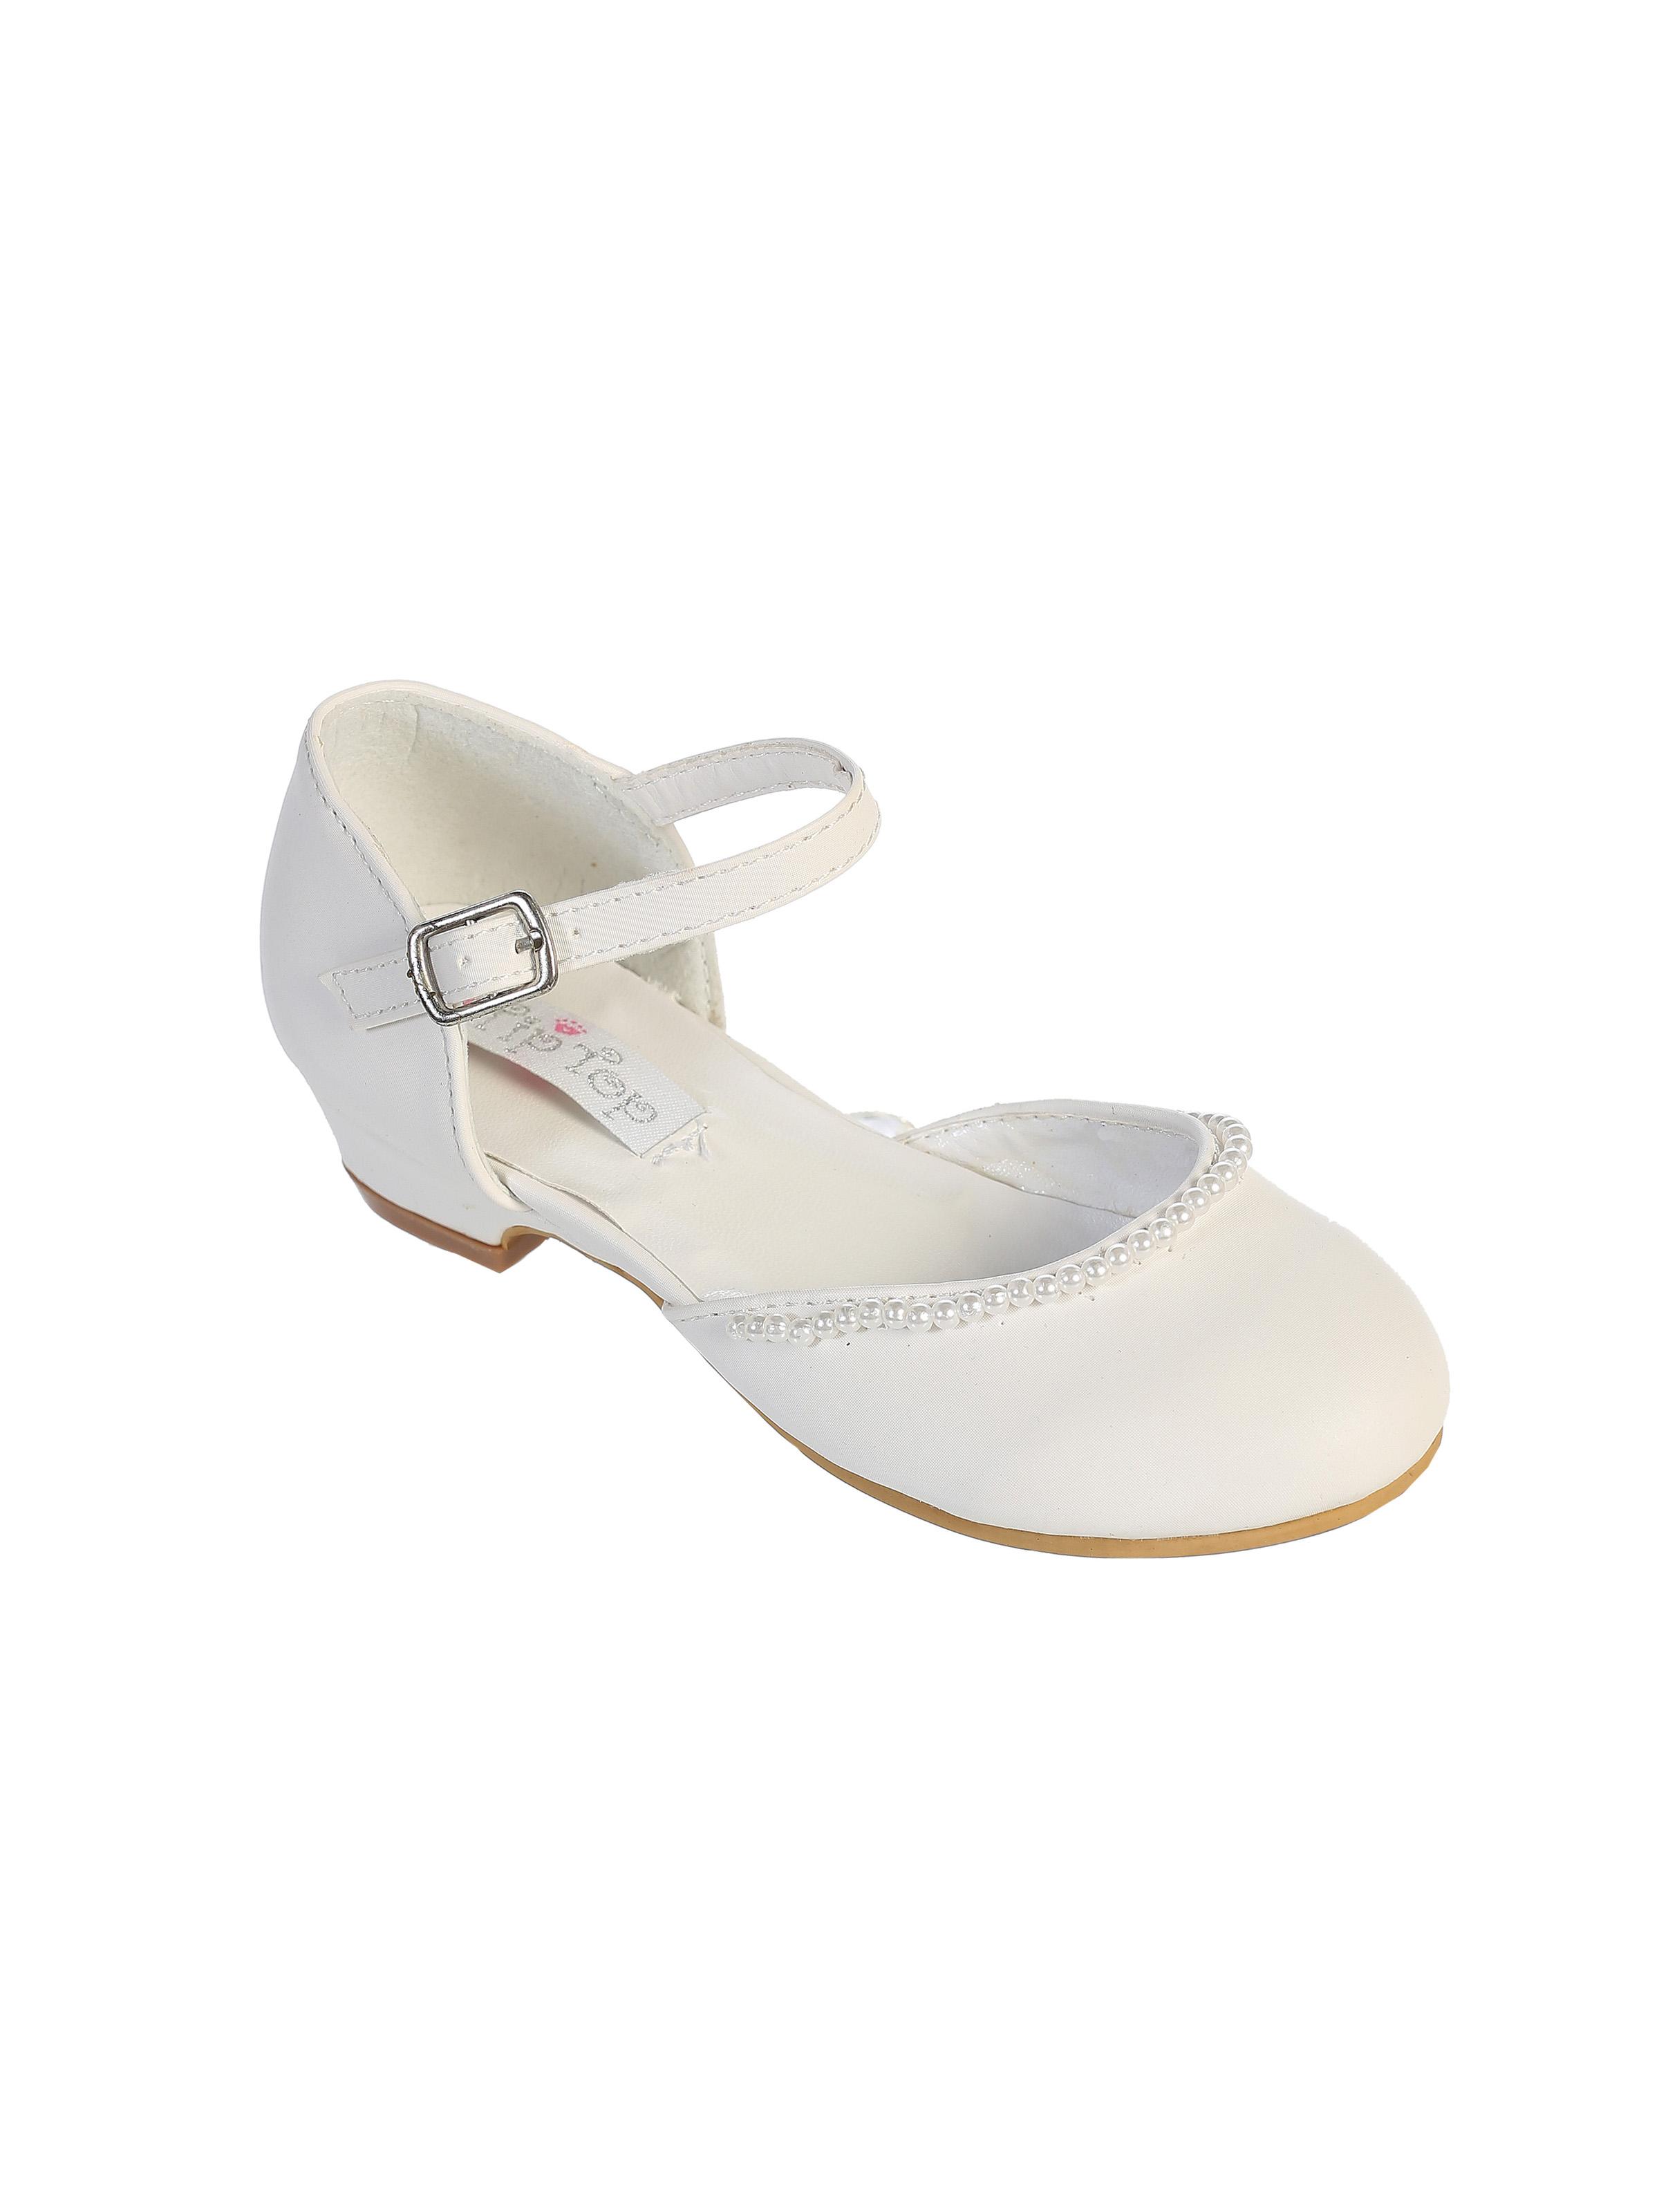 8222170f512d1 Shoes - Flower Girl Dresses - Flower Girl Dress For Less